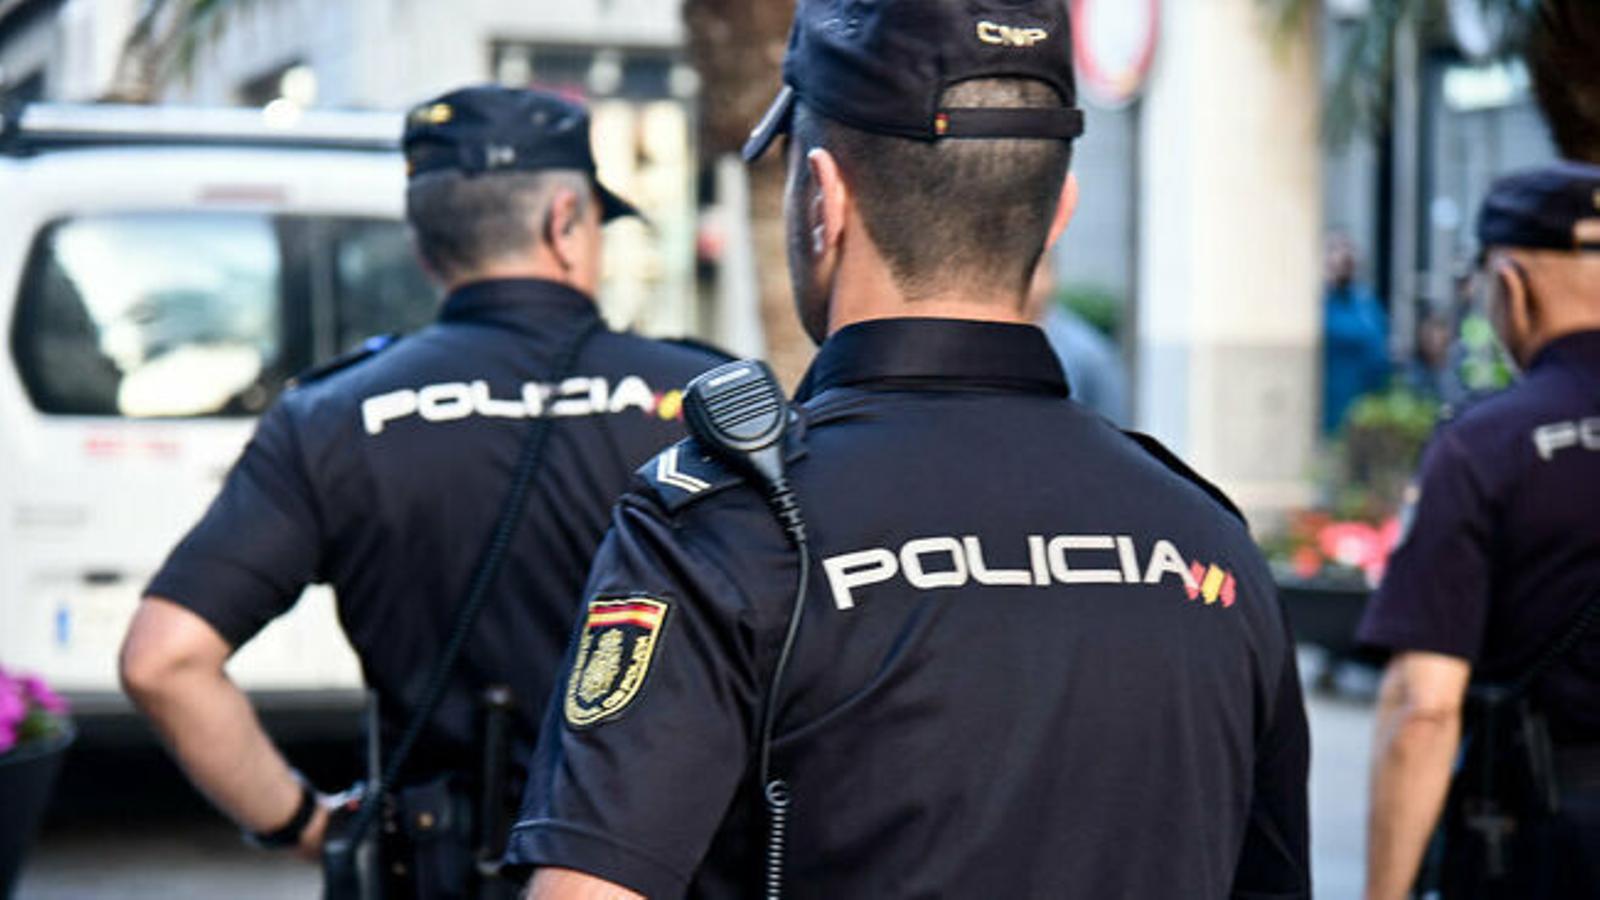 Agents de la Policia Nacional en una imatge d'arxiu.